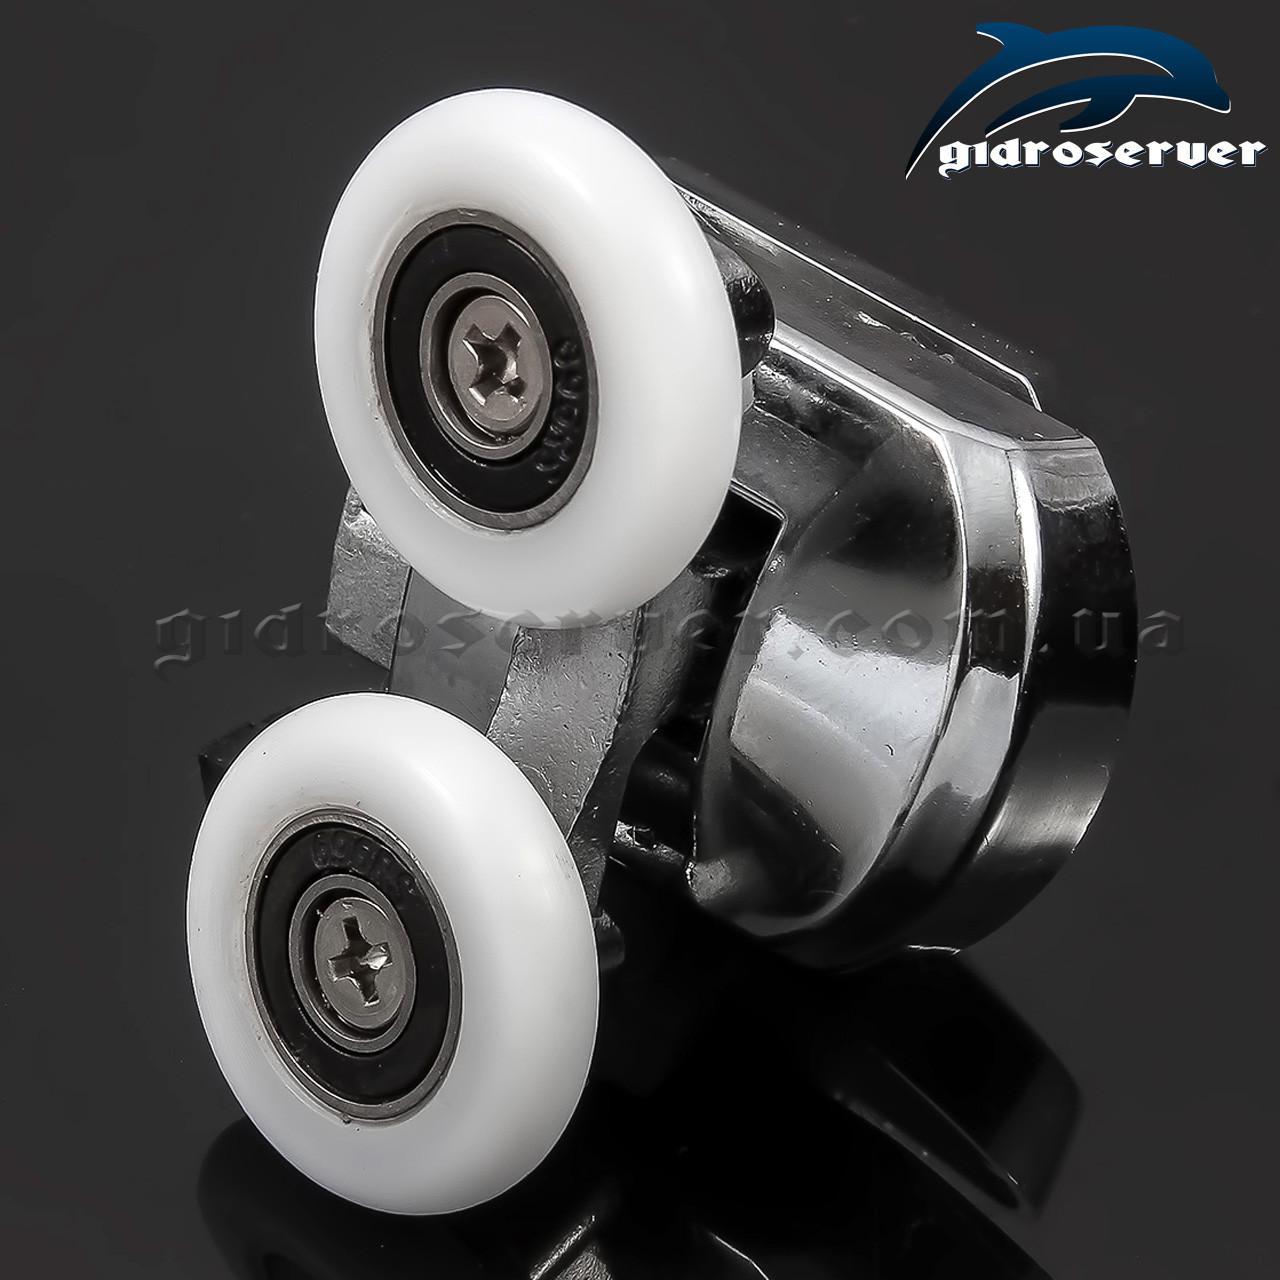 Ролик для душевых кабинок, гидробоксов M-02D с диаметрами колес от 19 до 27 мм.